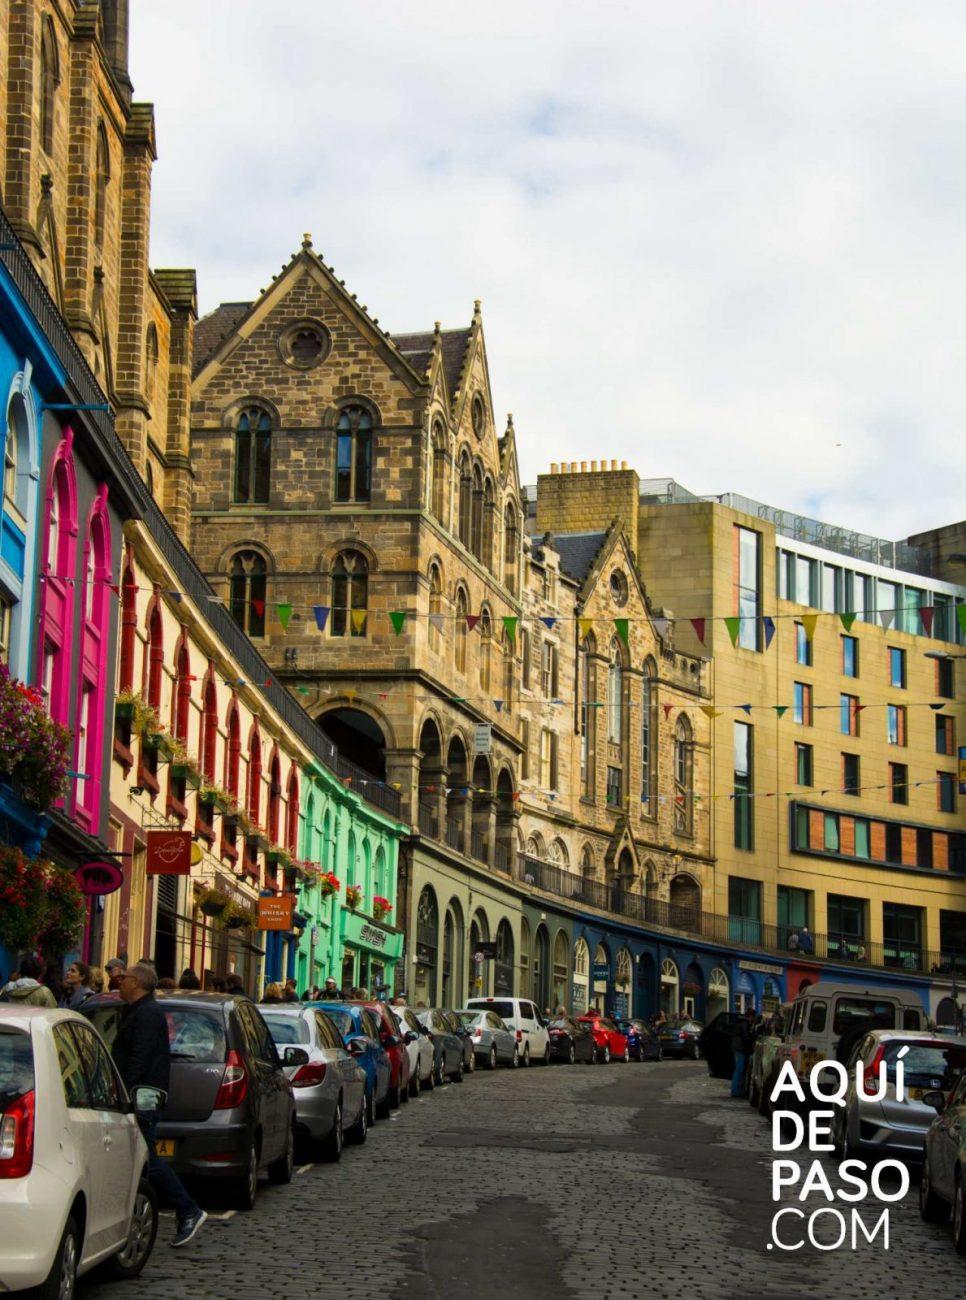 Edinburgo - Aquidepaso.com